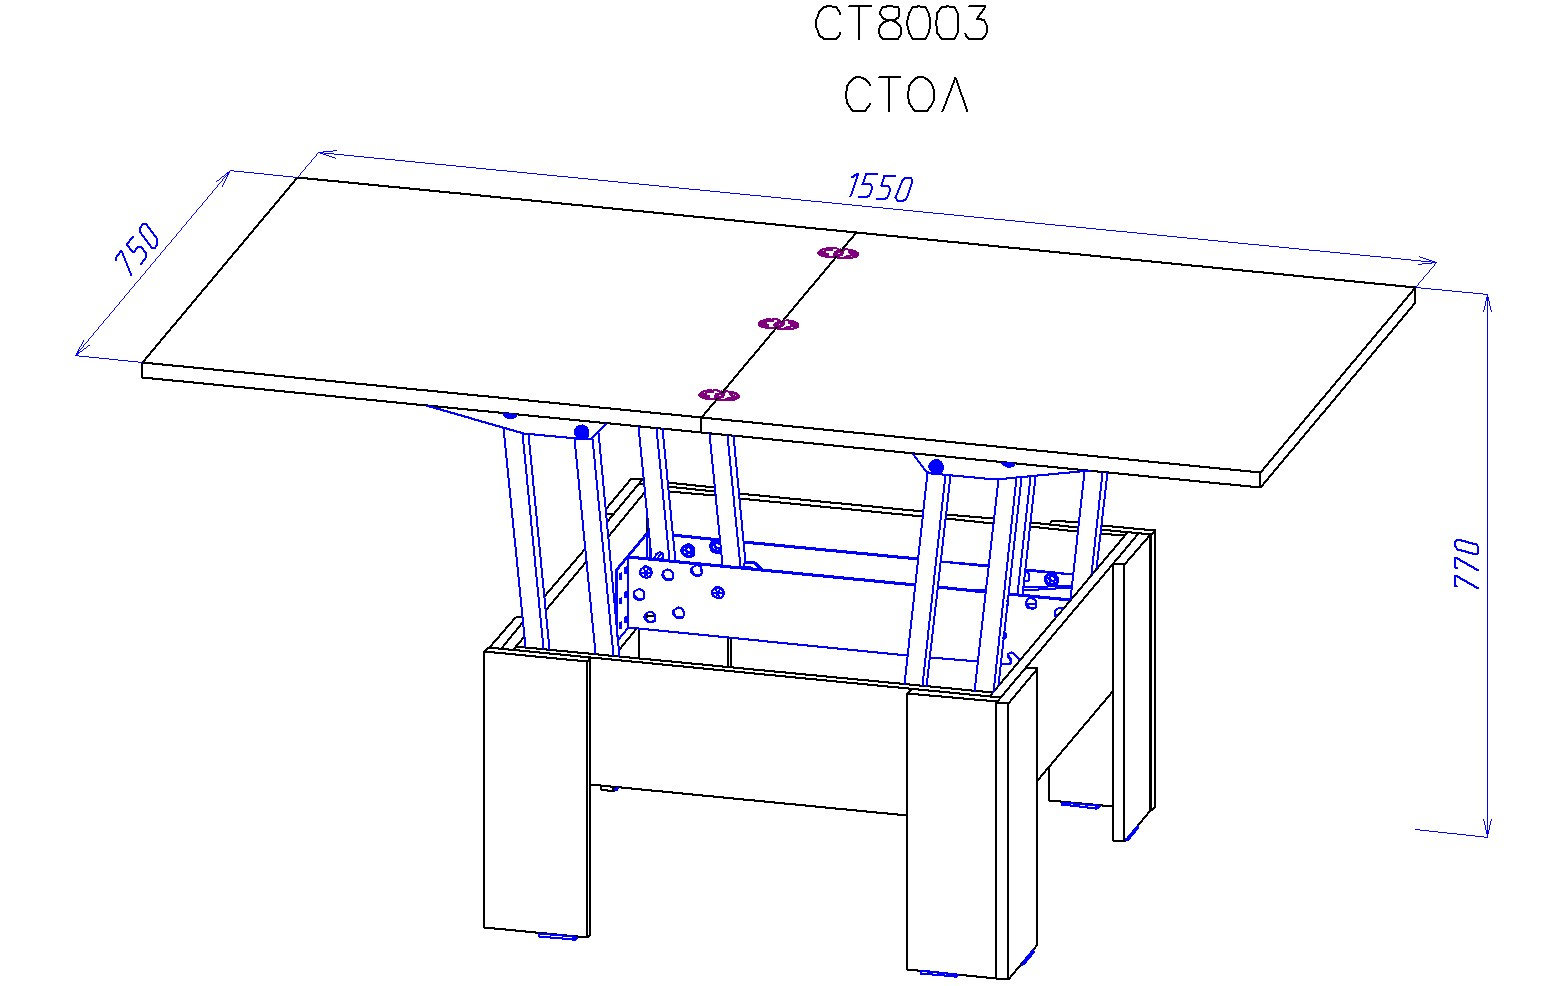 Кухонный стол своими руками 300 фото, схемы, инструкции 92